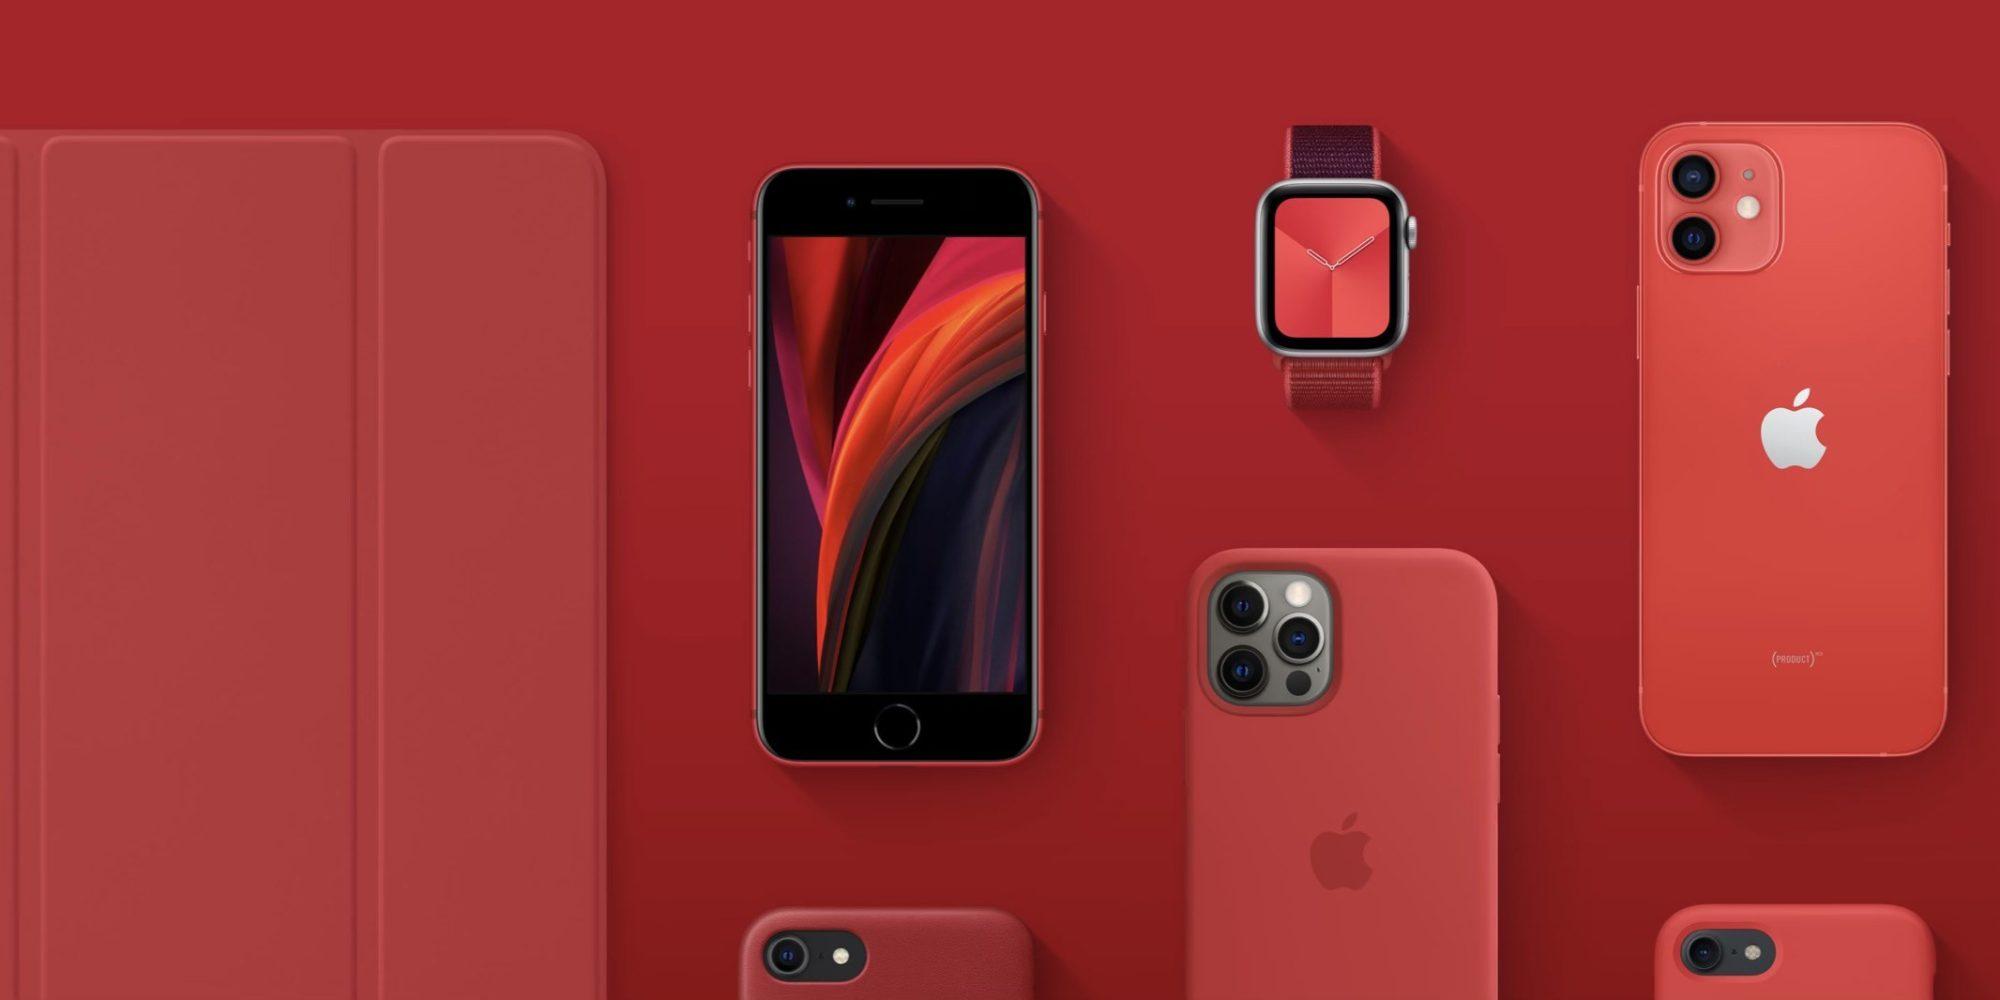 苹果主页变红 (RED) 收益100%用于应对COVID-19